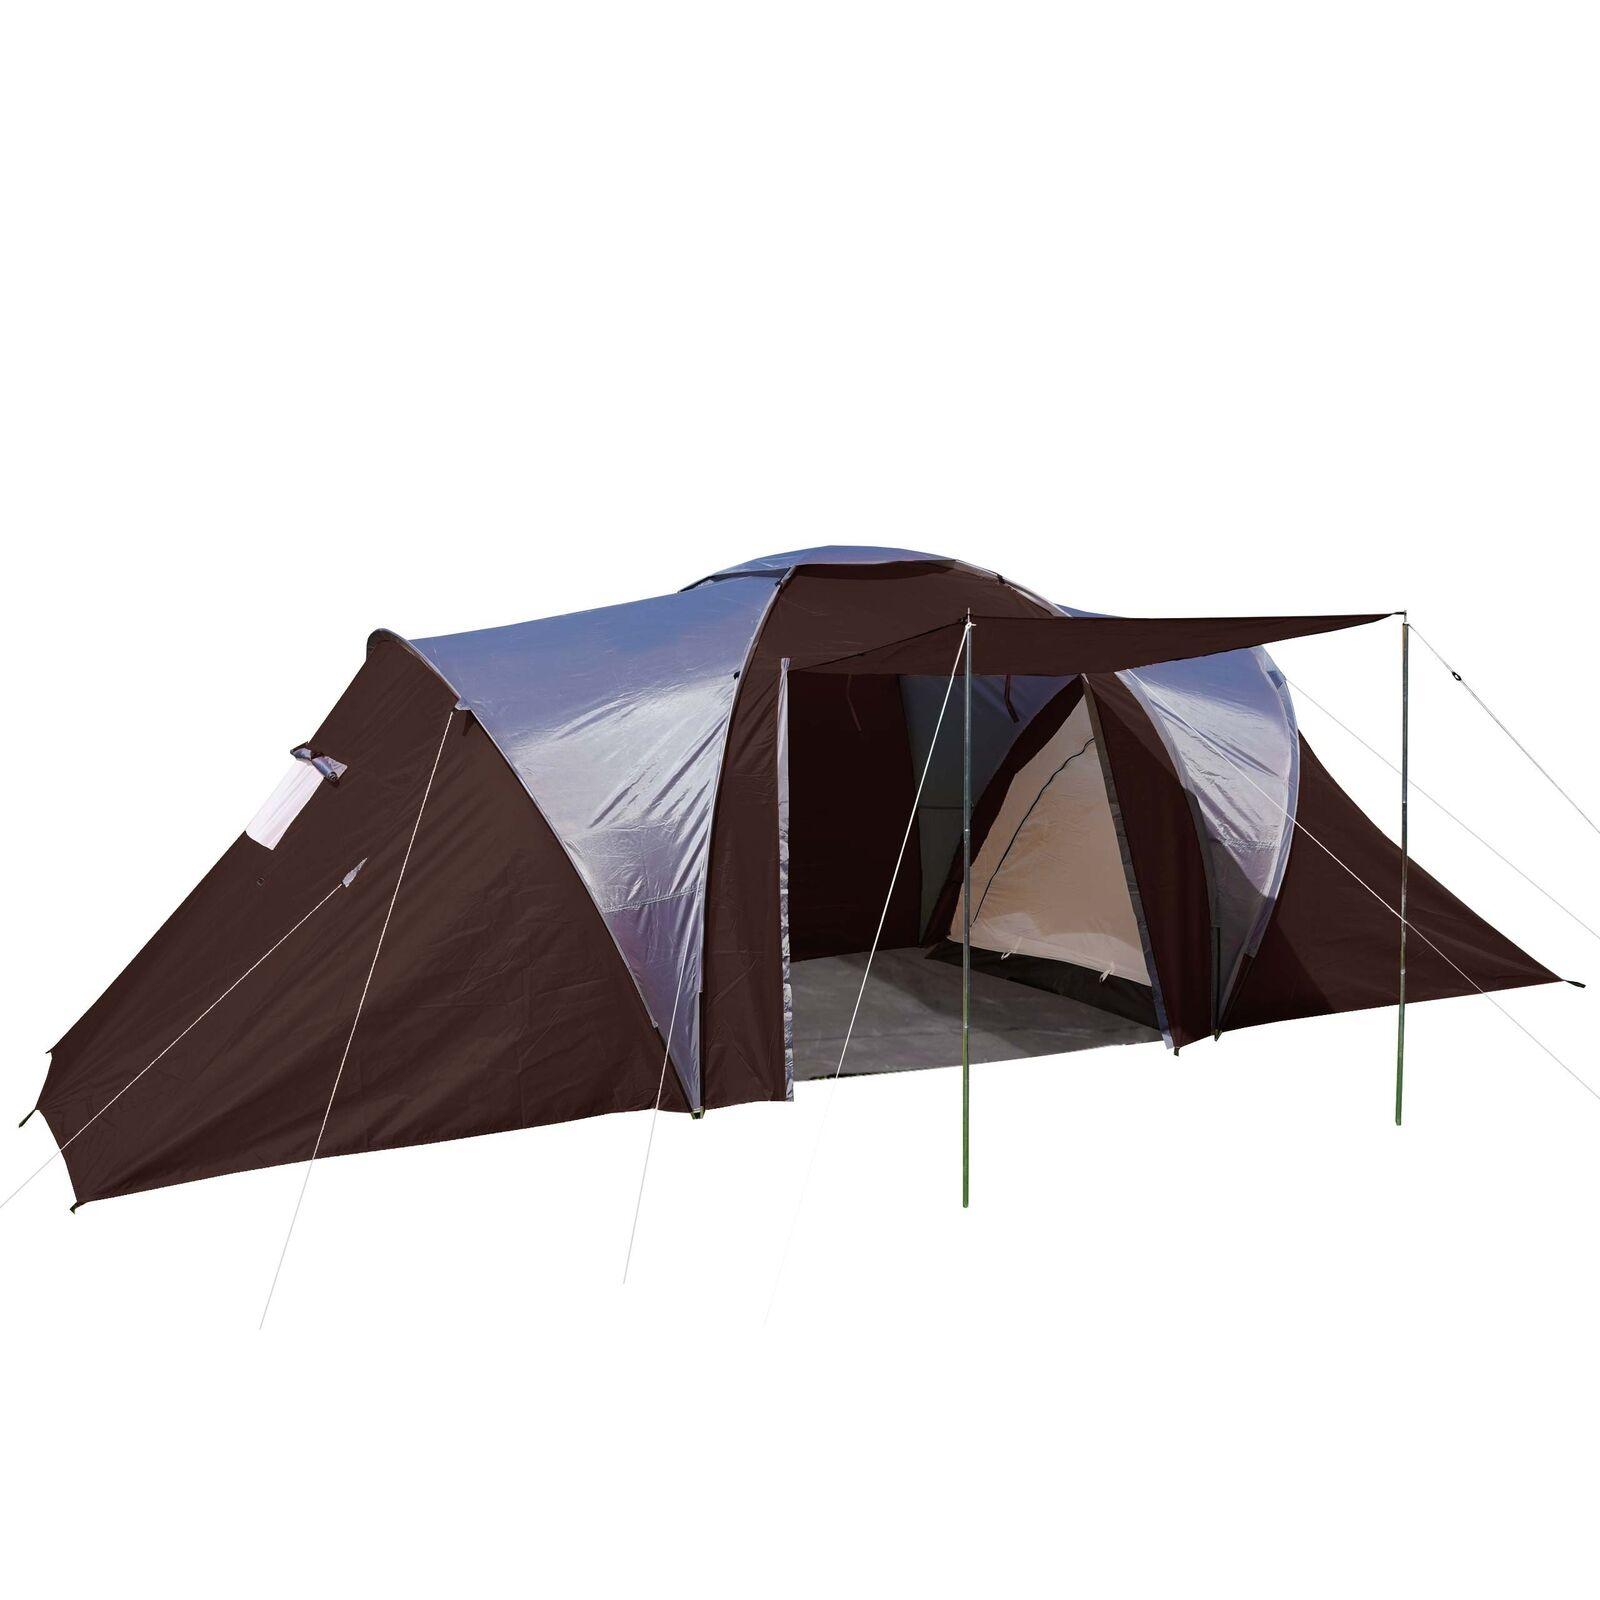 Campingzelt Laagri, 6-Mann Kuppelzelt Igluzelt Festival-Zelt, 6 Personen brown